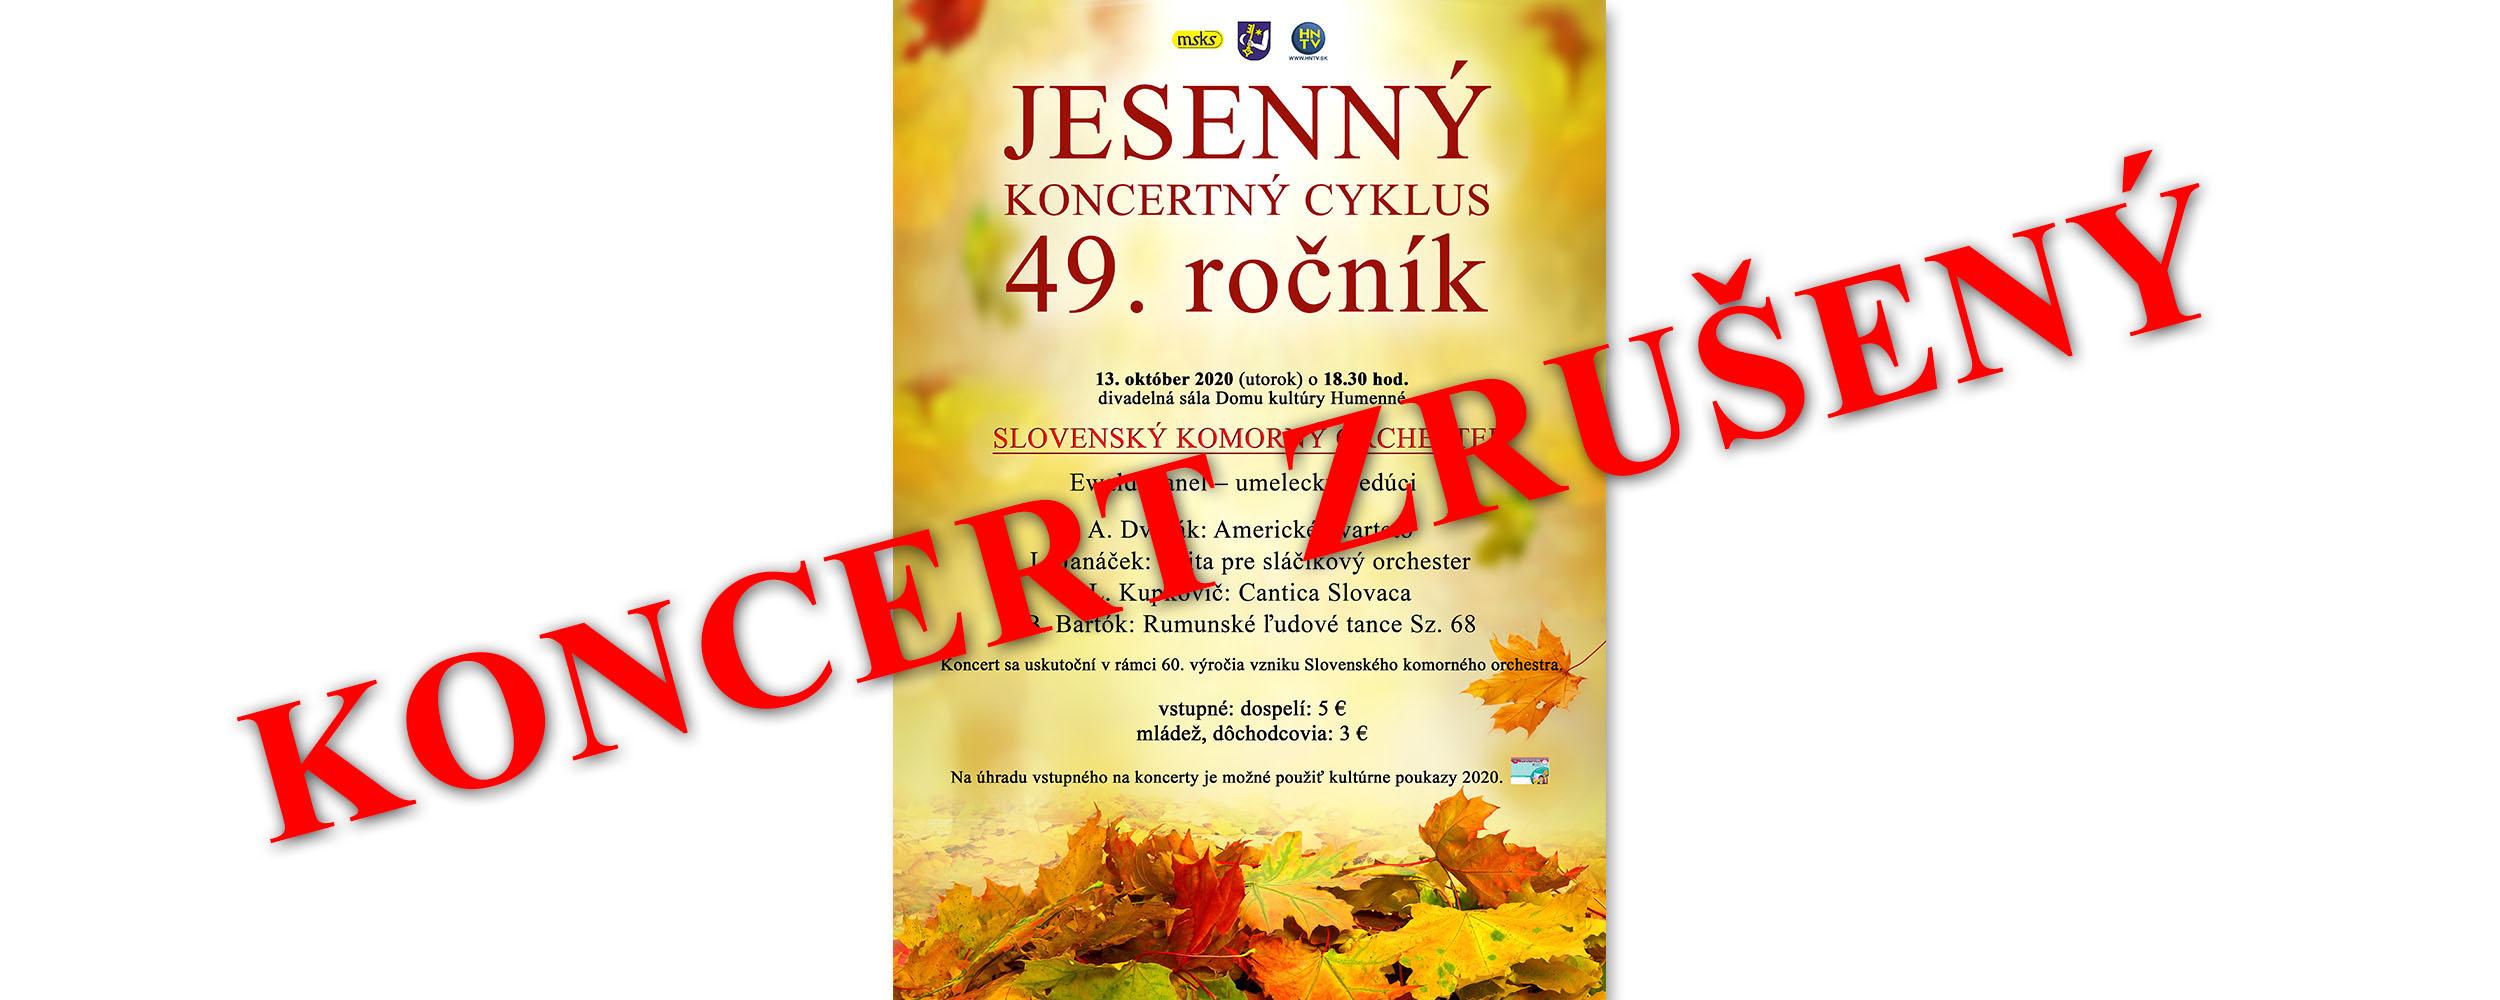 JKC 2020 ZRUSENIE 2